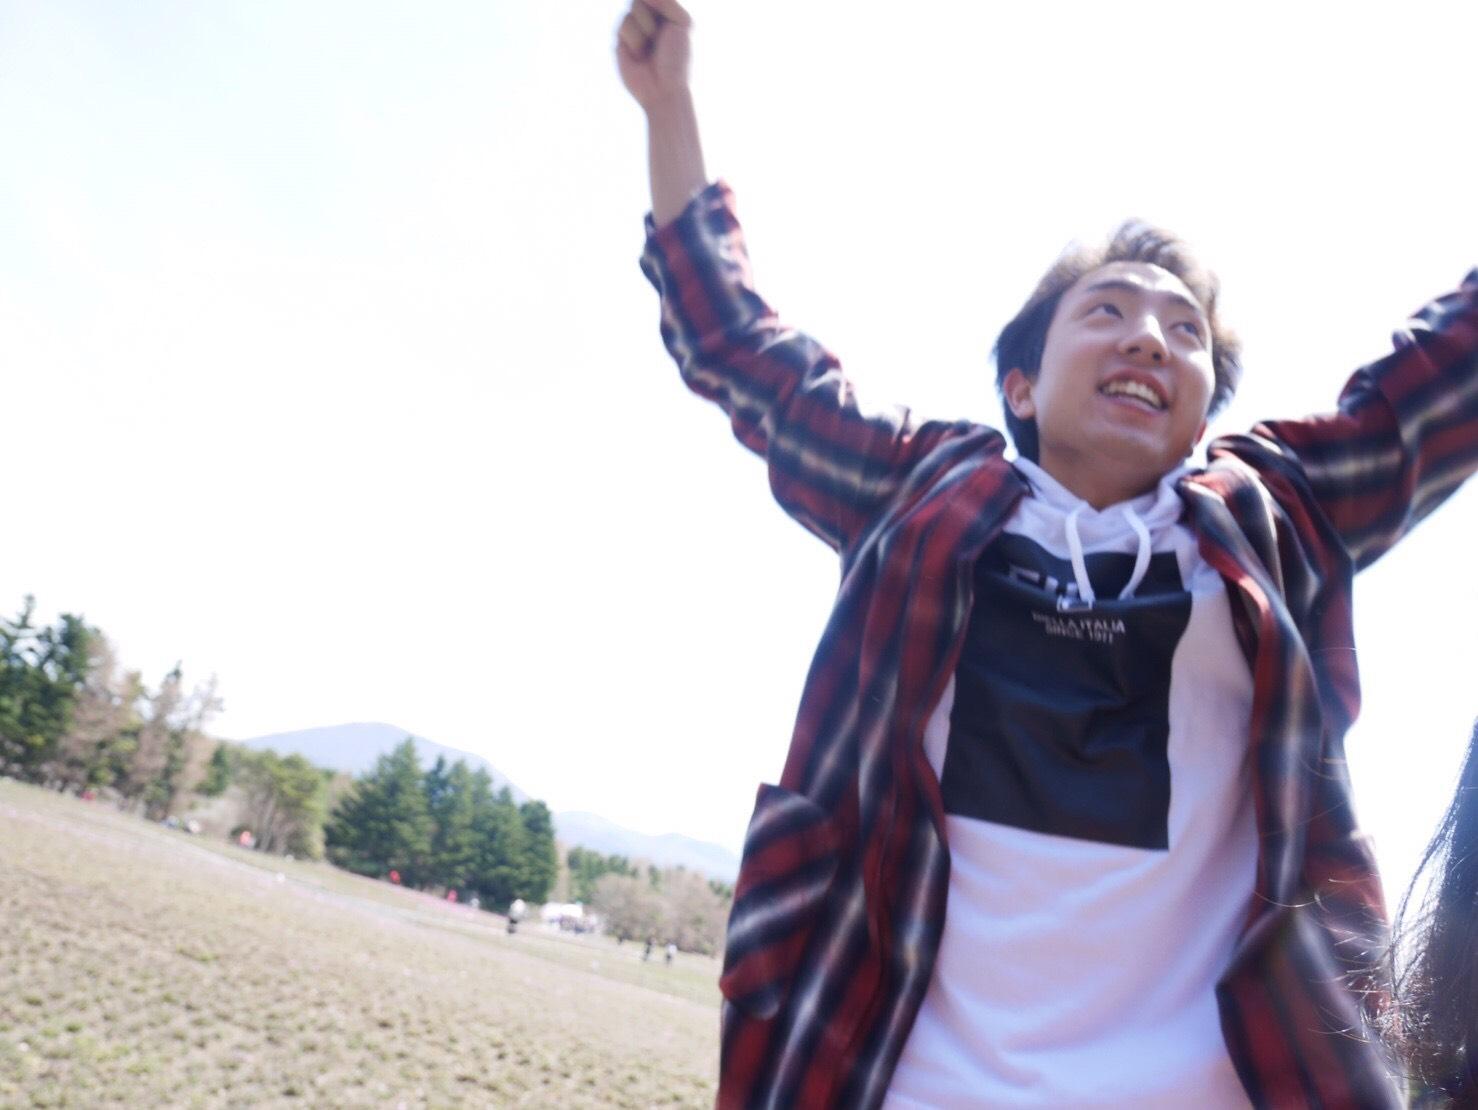 member_blog_766_59111a8ea6dfc.JPG